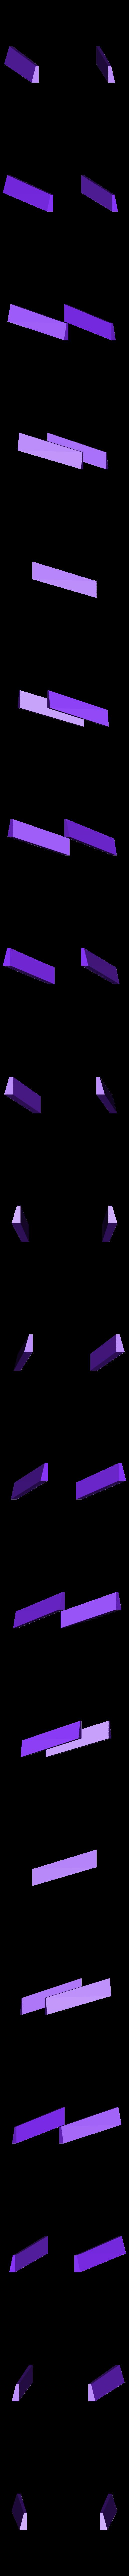 sp-001_-_pino_-_by_wmontoza_v1.0.stl Télécharger fichier STL gratuit Soutien par casque • Objet pour impression 3D, wmontoza